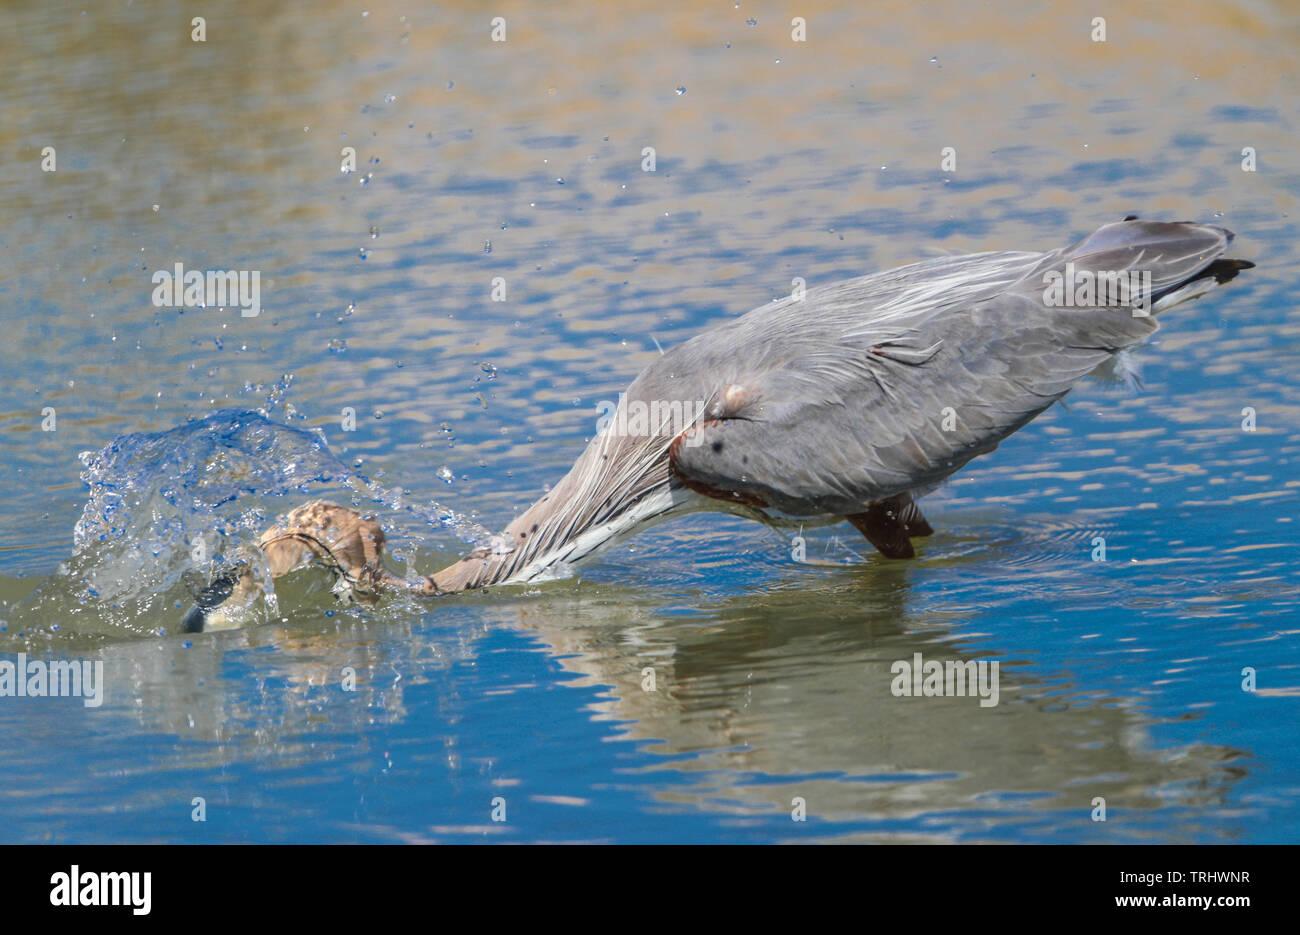 Il canto di un uccello chiamato airone cenerino, Ardea cinerea, ricerche per il cibo in acqua salata dal mare verso la Kino Viejo estuario. L'airone cenerino o airón è una specie di uccello della famiglia ardeidi di Eurasia e Africa, una snella e grandi uccelli acquatici con collo lungo e gambe, principalmente con il piumaggio grigio. Abita i fiumi, laghi e tutti i tipi di acqua dolce e zone umide salmastre. (Foto: Luis Gutierrez / NortePhoto) Onu ave llamada Garza gris, Ardea cinerea, busca alimento en el agua salada proveniente del mar hacia el estero de Kino Viejo. La garza  reale o airón es una especie de ave pelecaniforme Immagini Stock